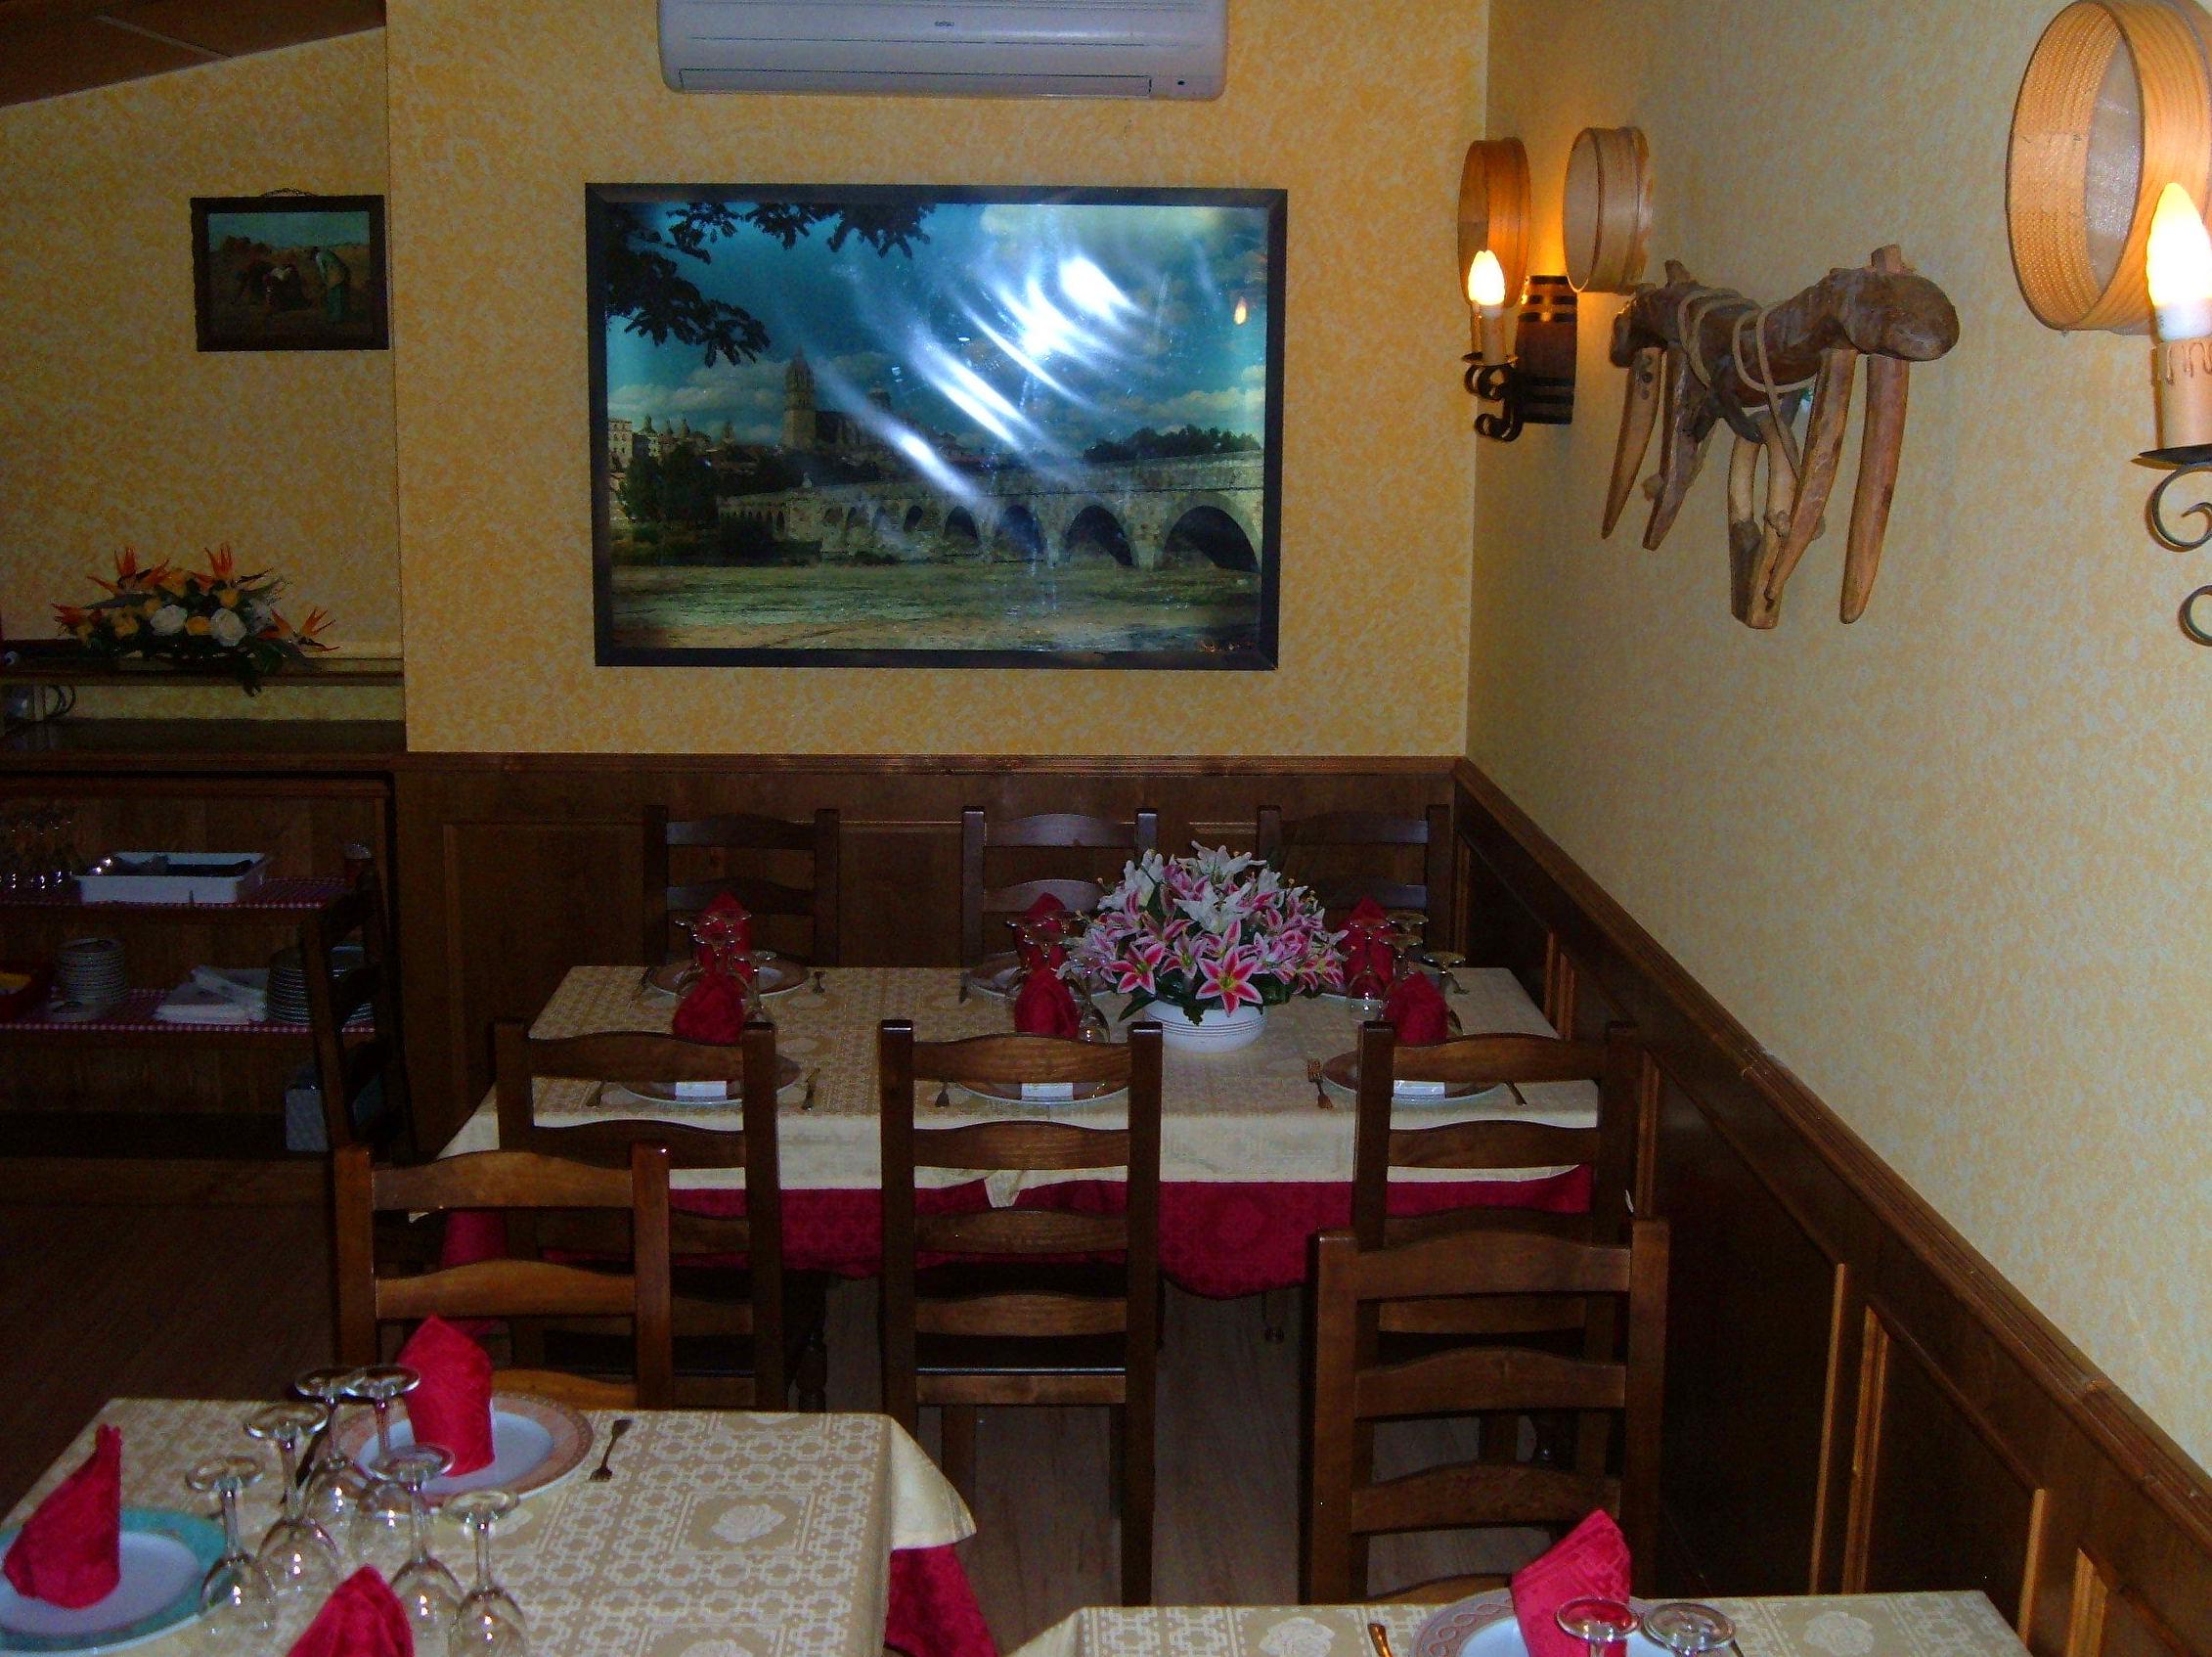 SALÓN 4 : COMEDOR VIP: MENÚS de Restaurante Terraza La Parrilla de Valdemoro